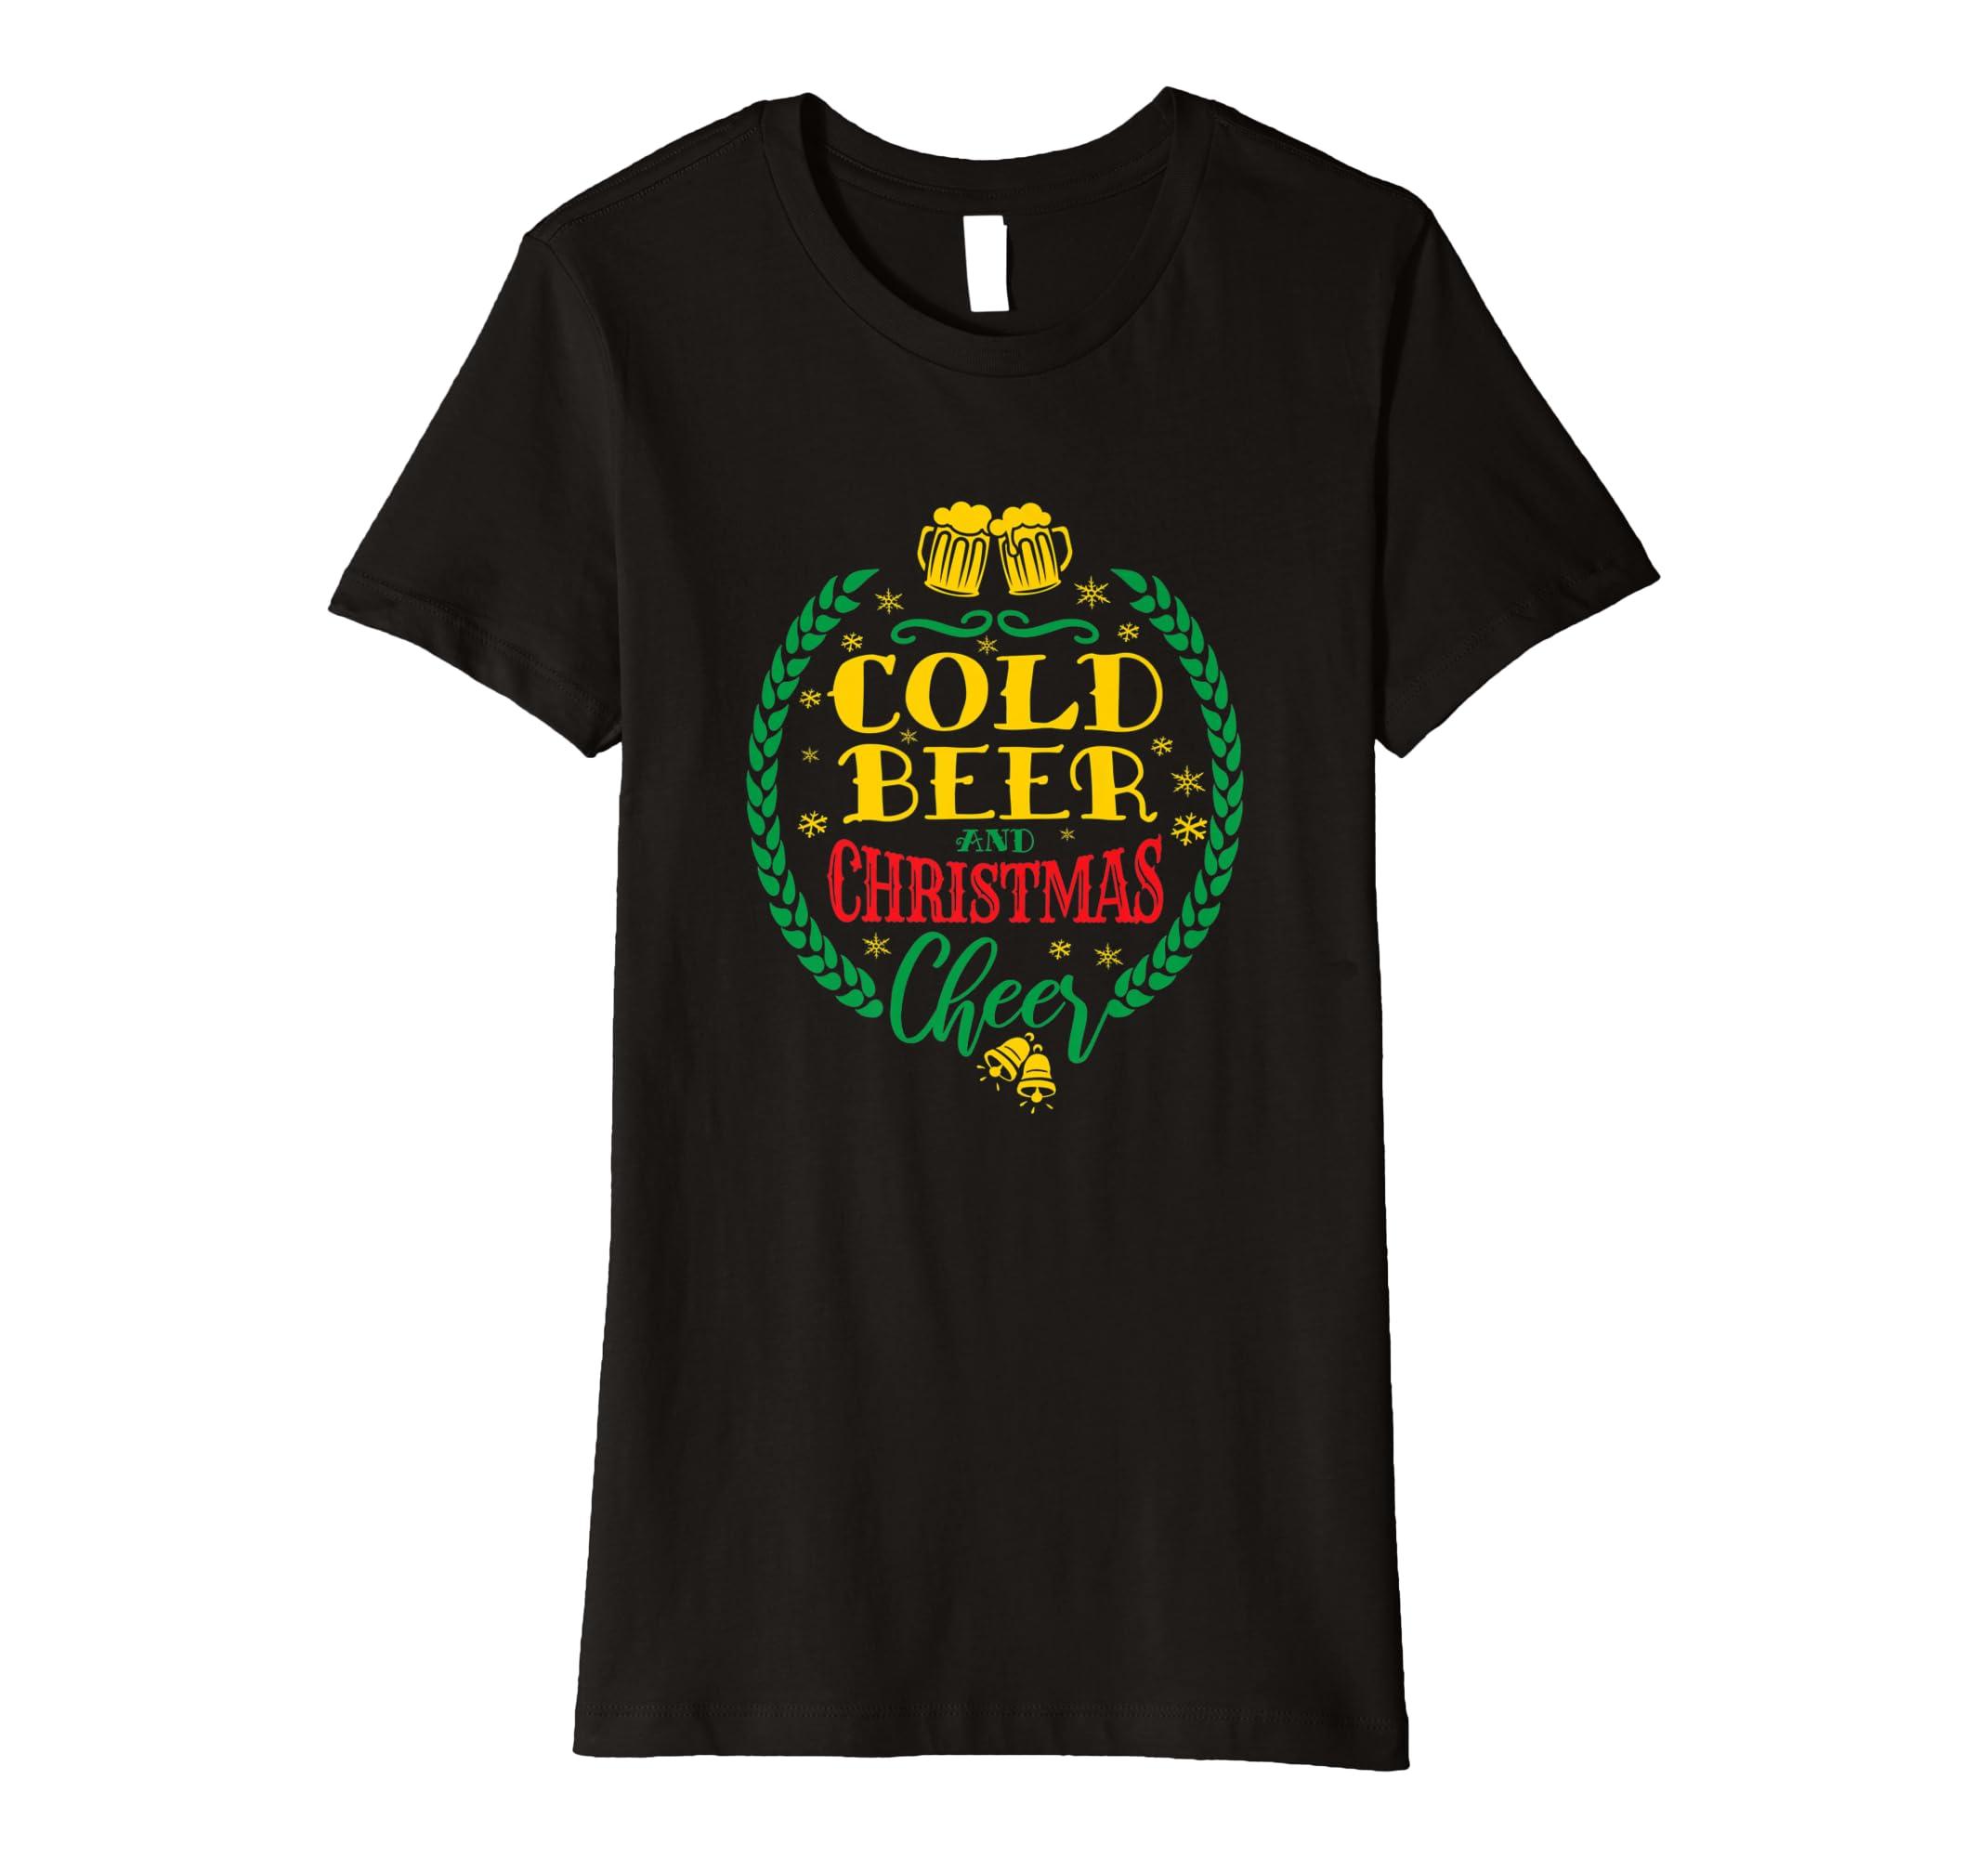 de903b2842 Amazon.com: Cold Beer Christmas Cheer T-Shirt Awesome Christmas Tee:  Clothing